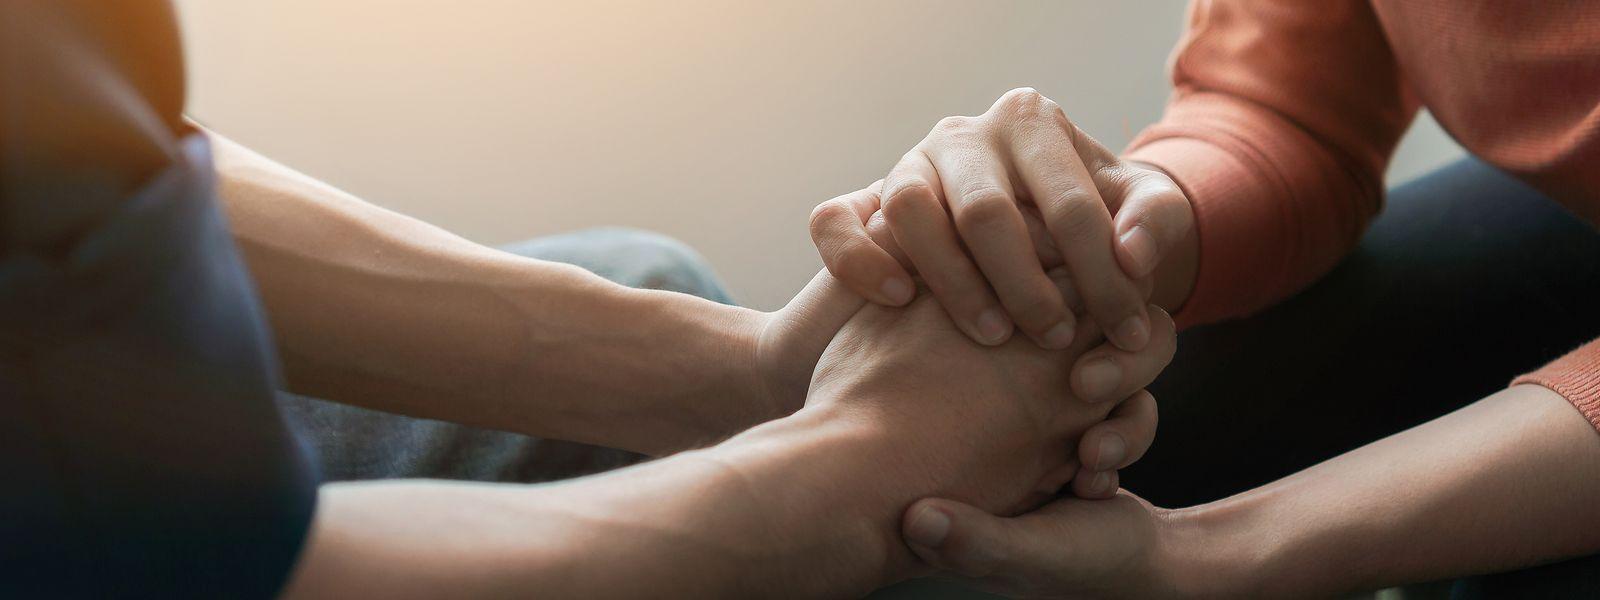 Wie erkennt man psychische Probleme bei seinen Mitmenschen - und wie sollte man reagieren? In Erste-Hilfe-Kursen werden Bürger nun auch in Bezug auf den Umgang mit psychischen Erkrankungen geschult.